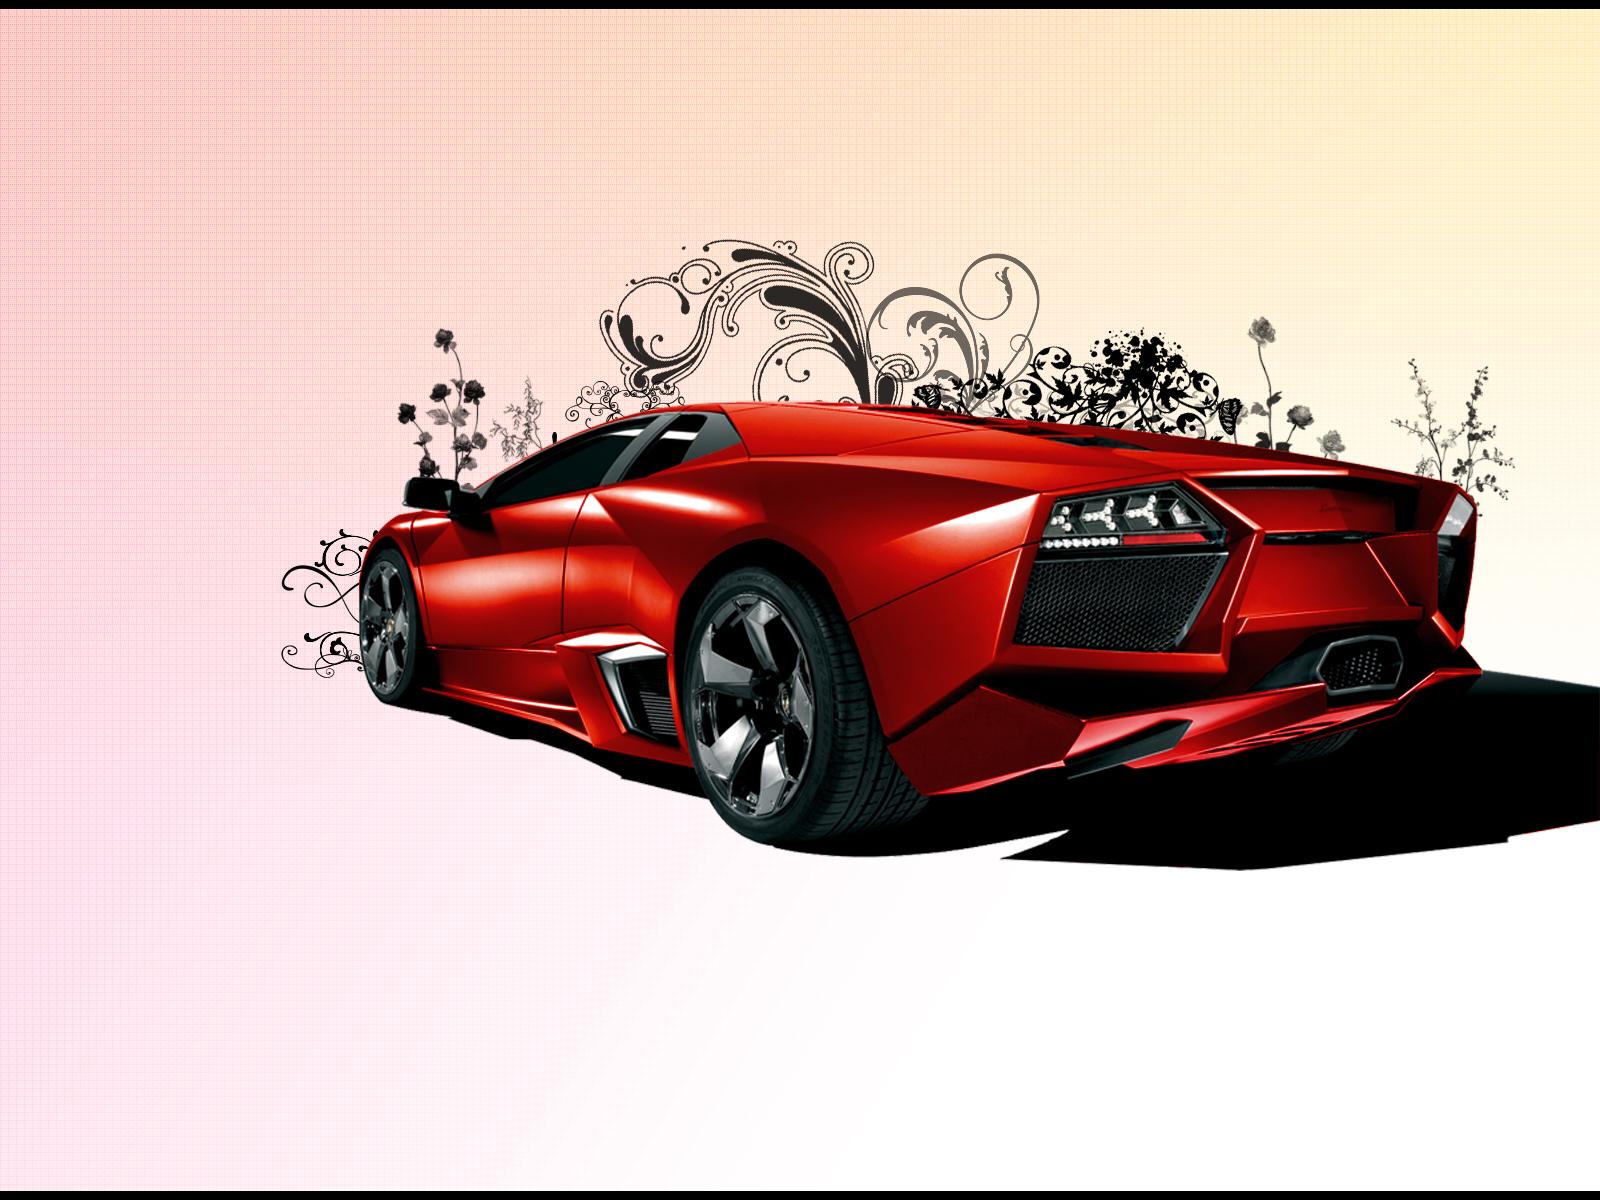 Lamborghini Reventon 2 by musicnation